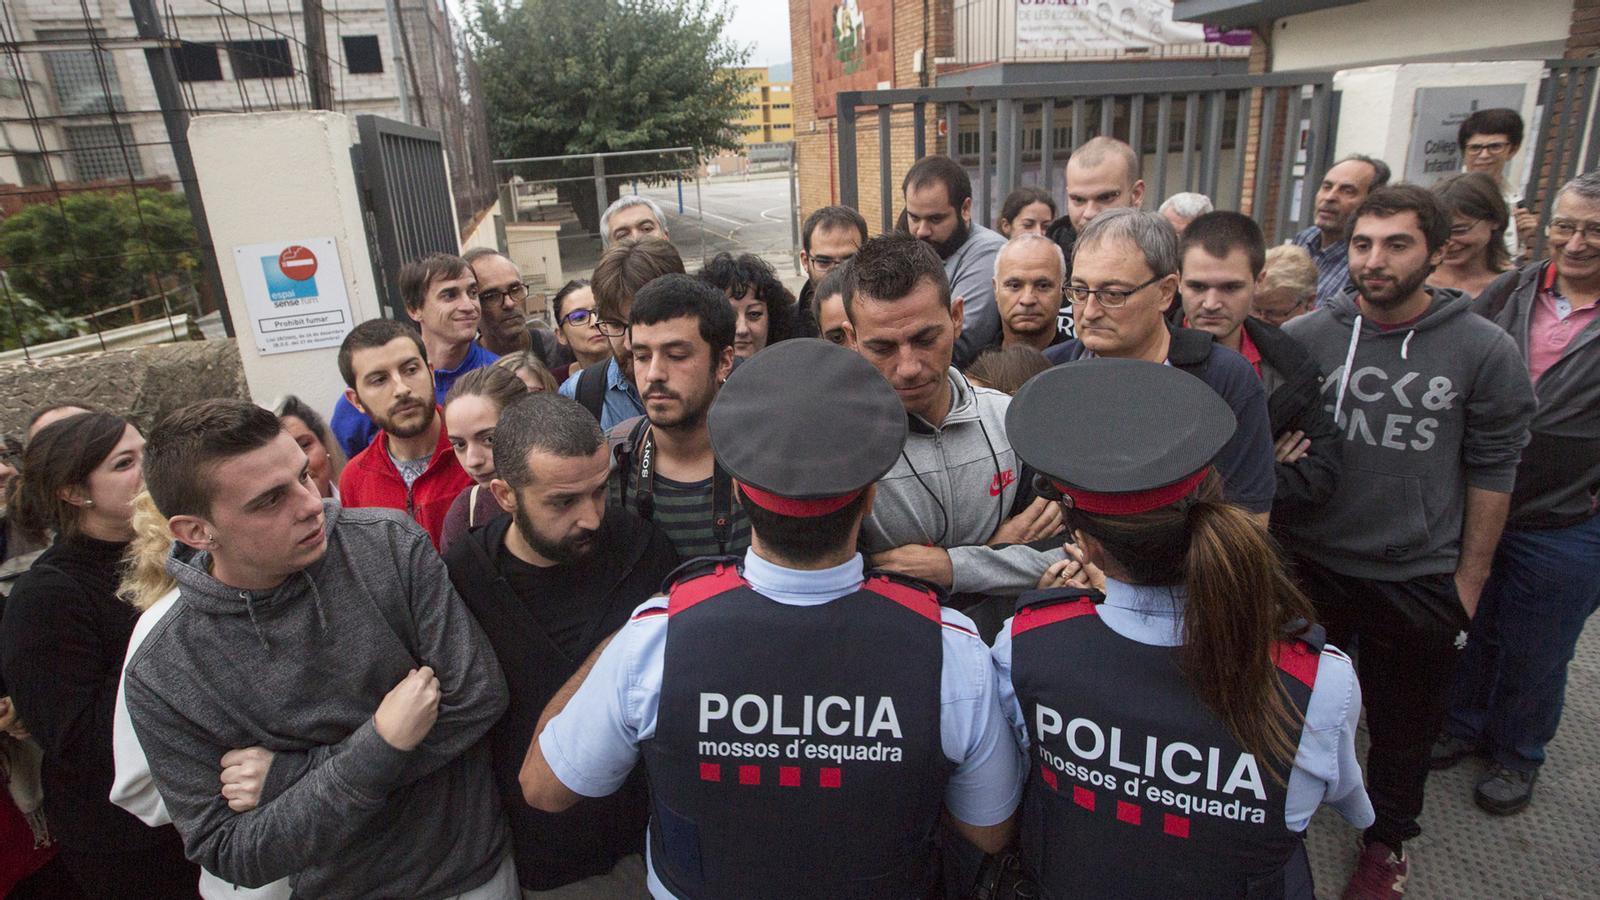 L'anàlisi d'Antoni Bassas: 'Ni cares d'odi ni tumults sediciosos'